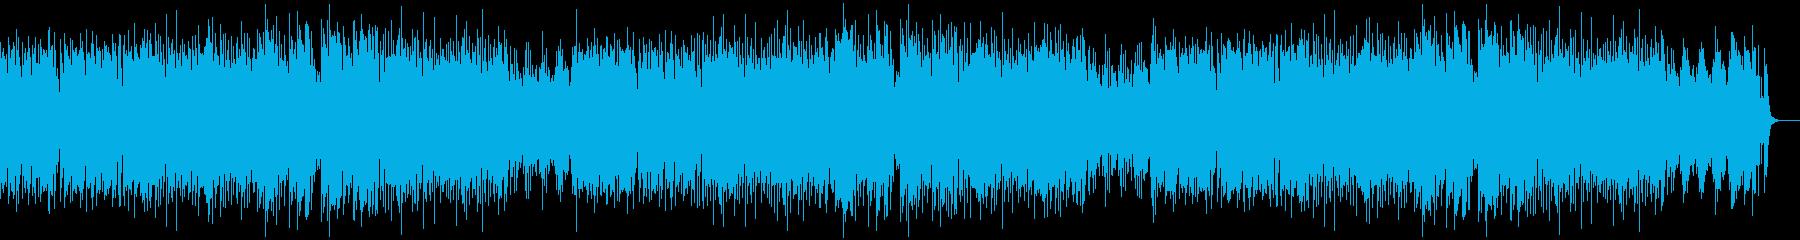 Refreshing violin / quiet's reproduced waveform